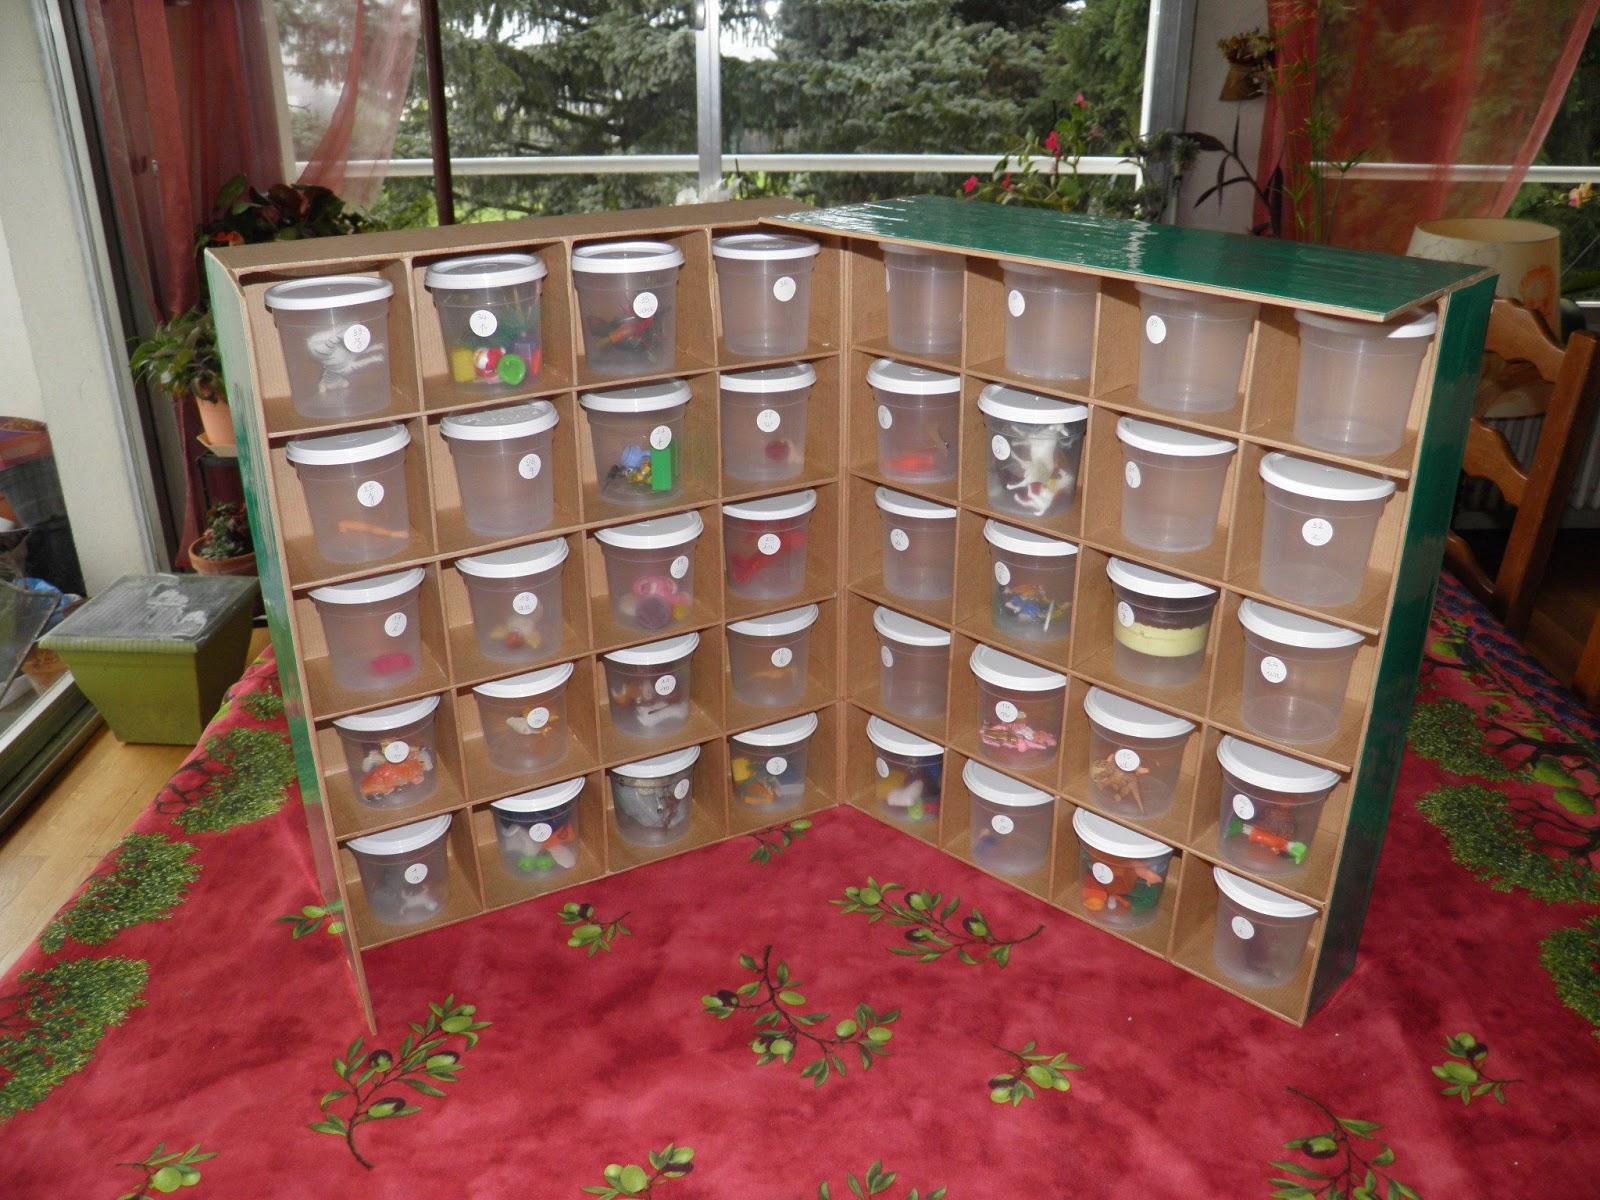 Fabriquer son matériel LAtelier Montessori tout pour fabriquer son